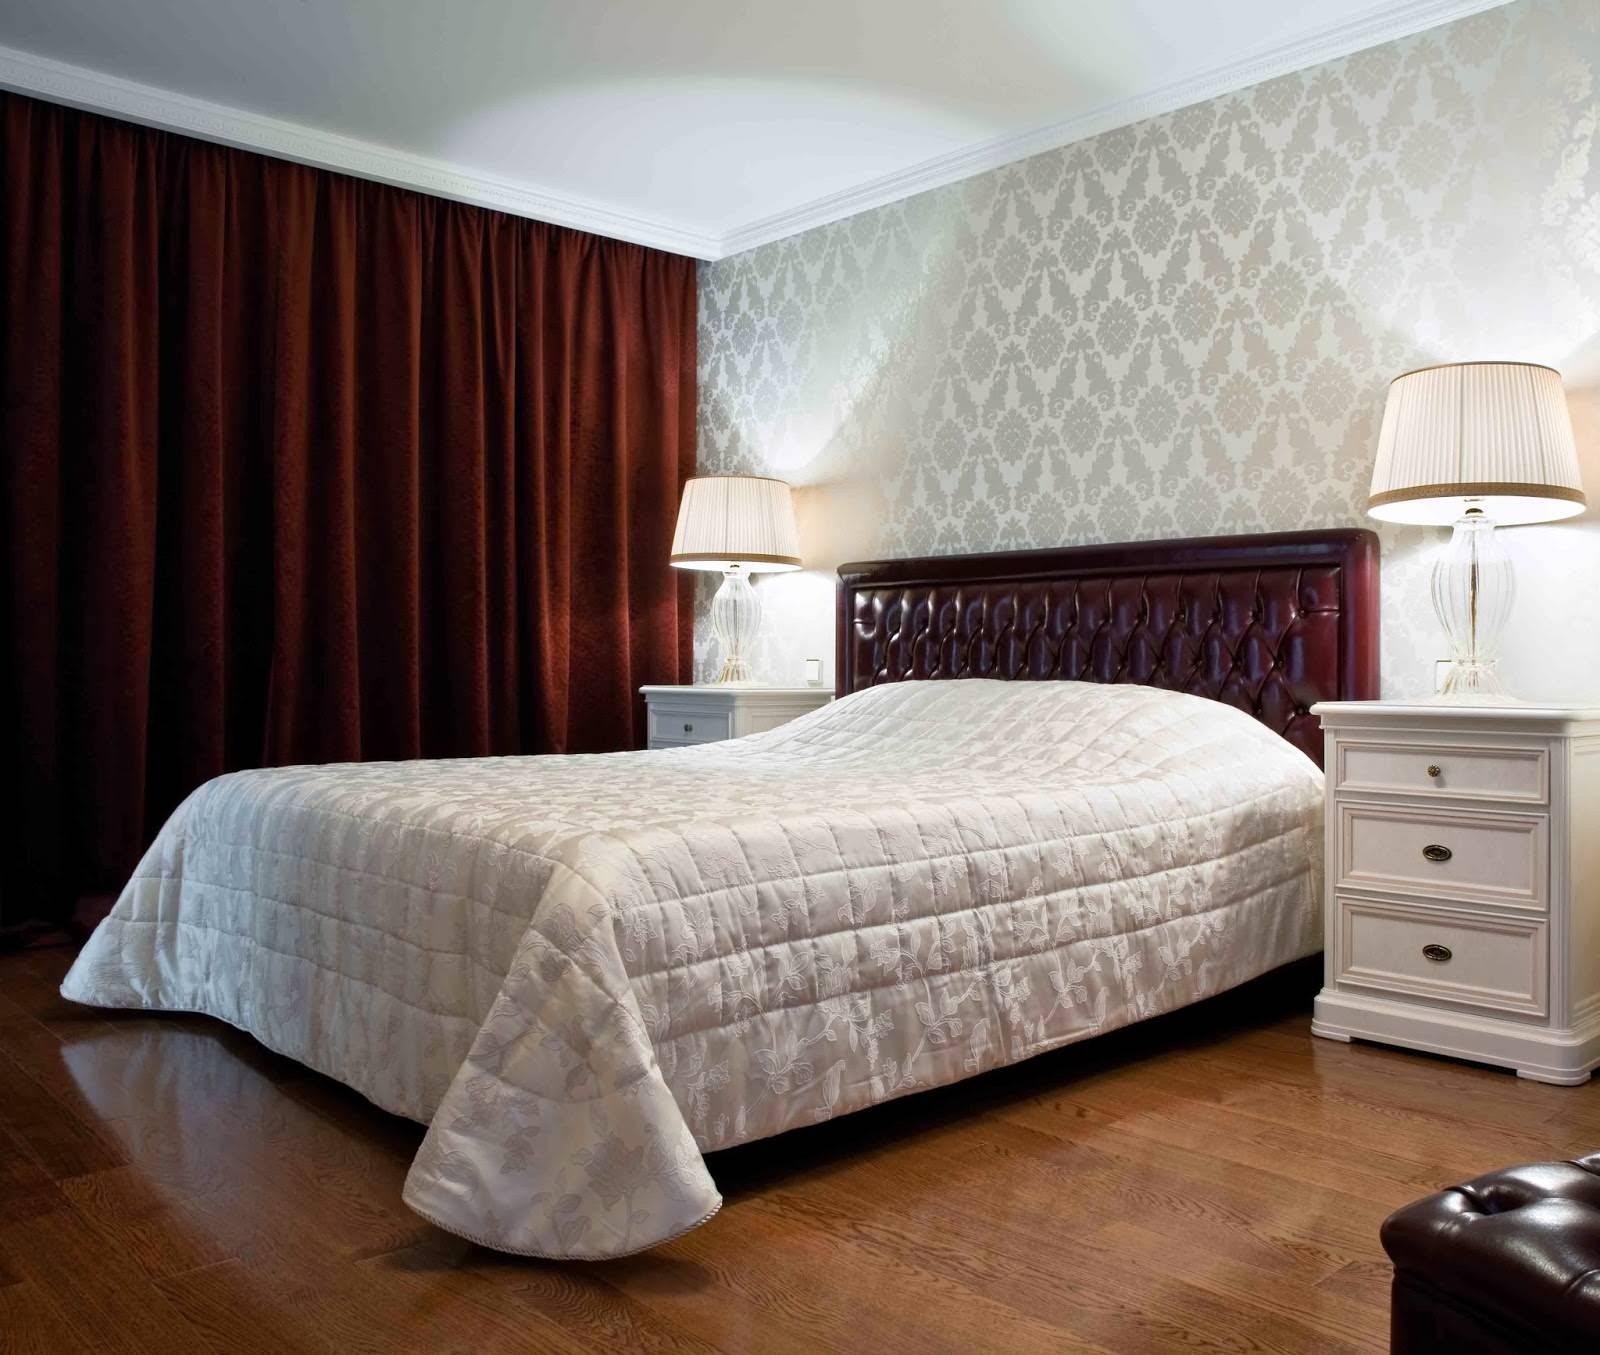 бордовые шторы в дизайне спальни с серыми обоями